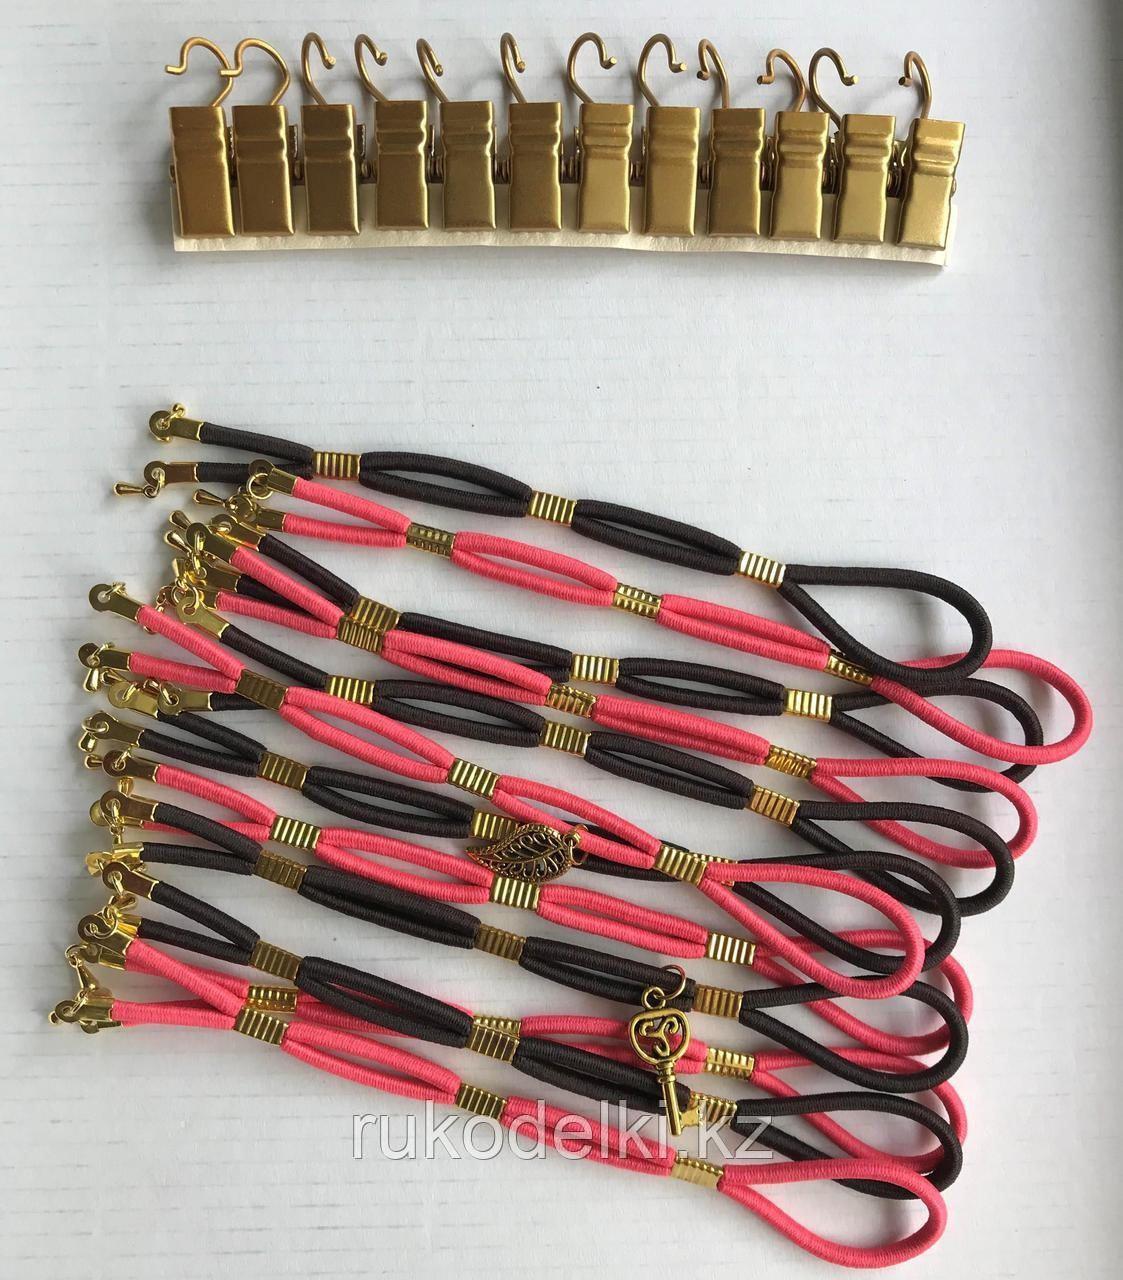 Боковая натяжка для канвы в золоте Микс Шоколад-Коралл